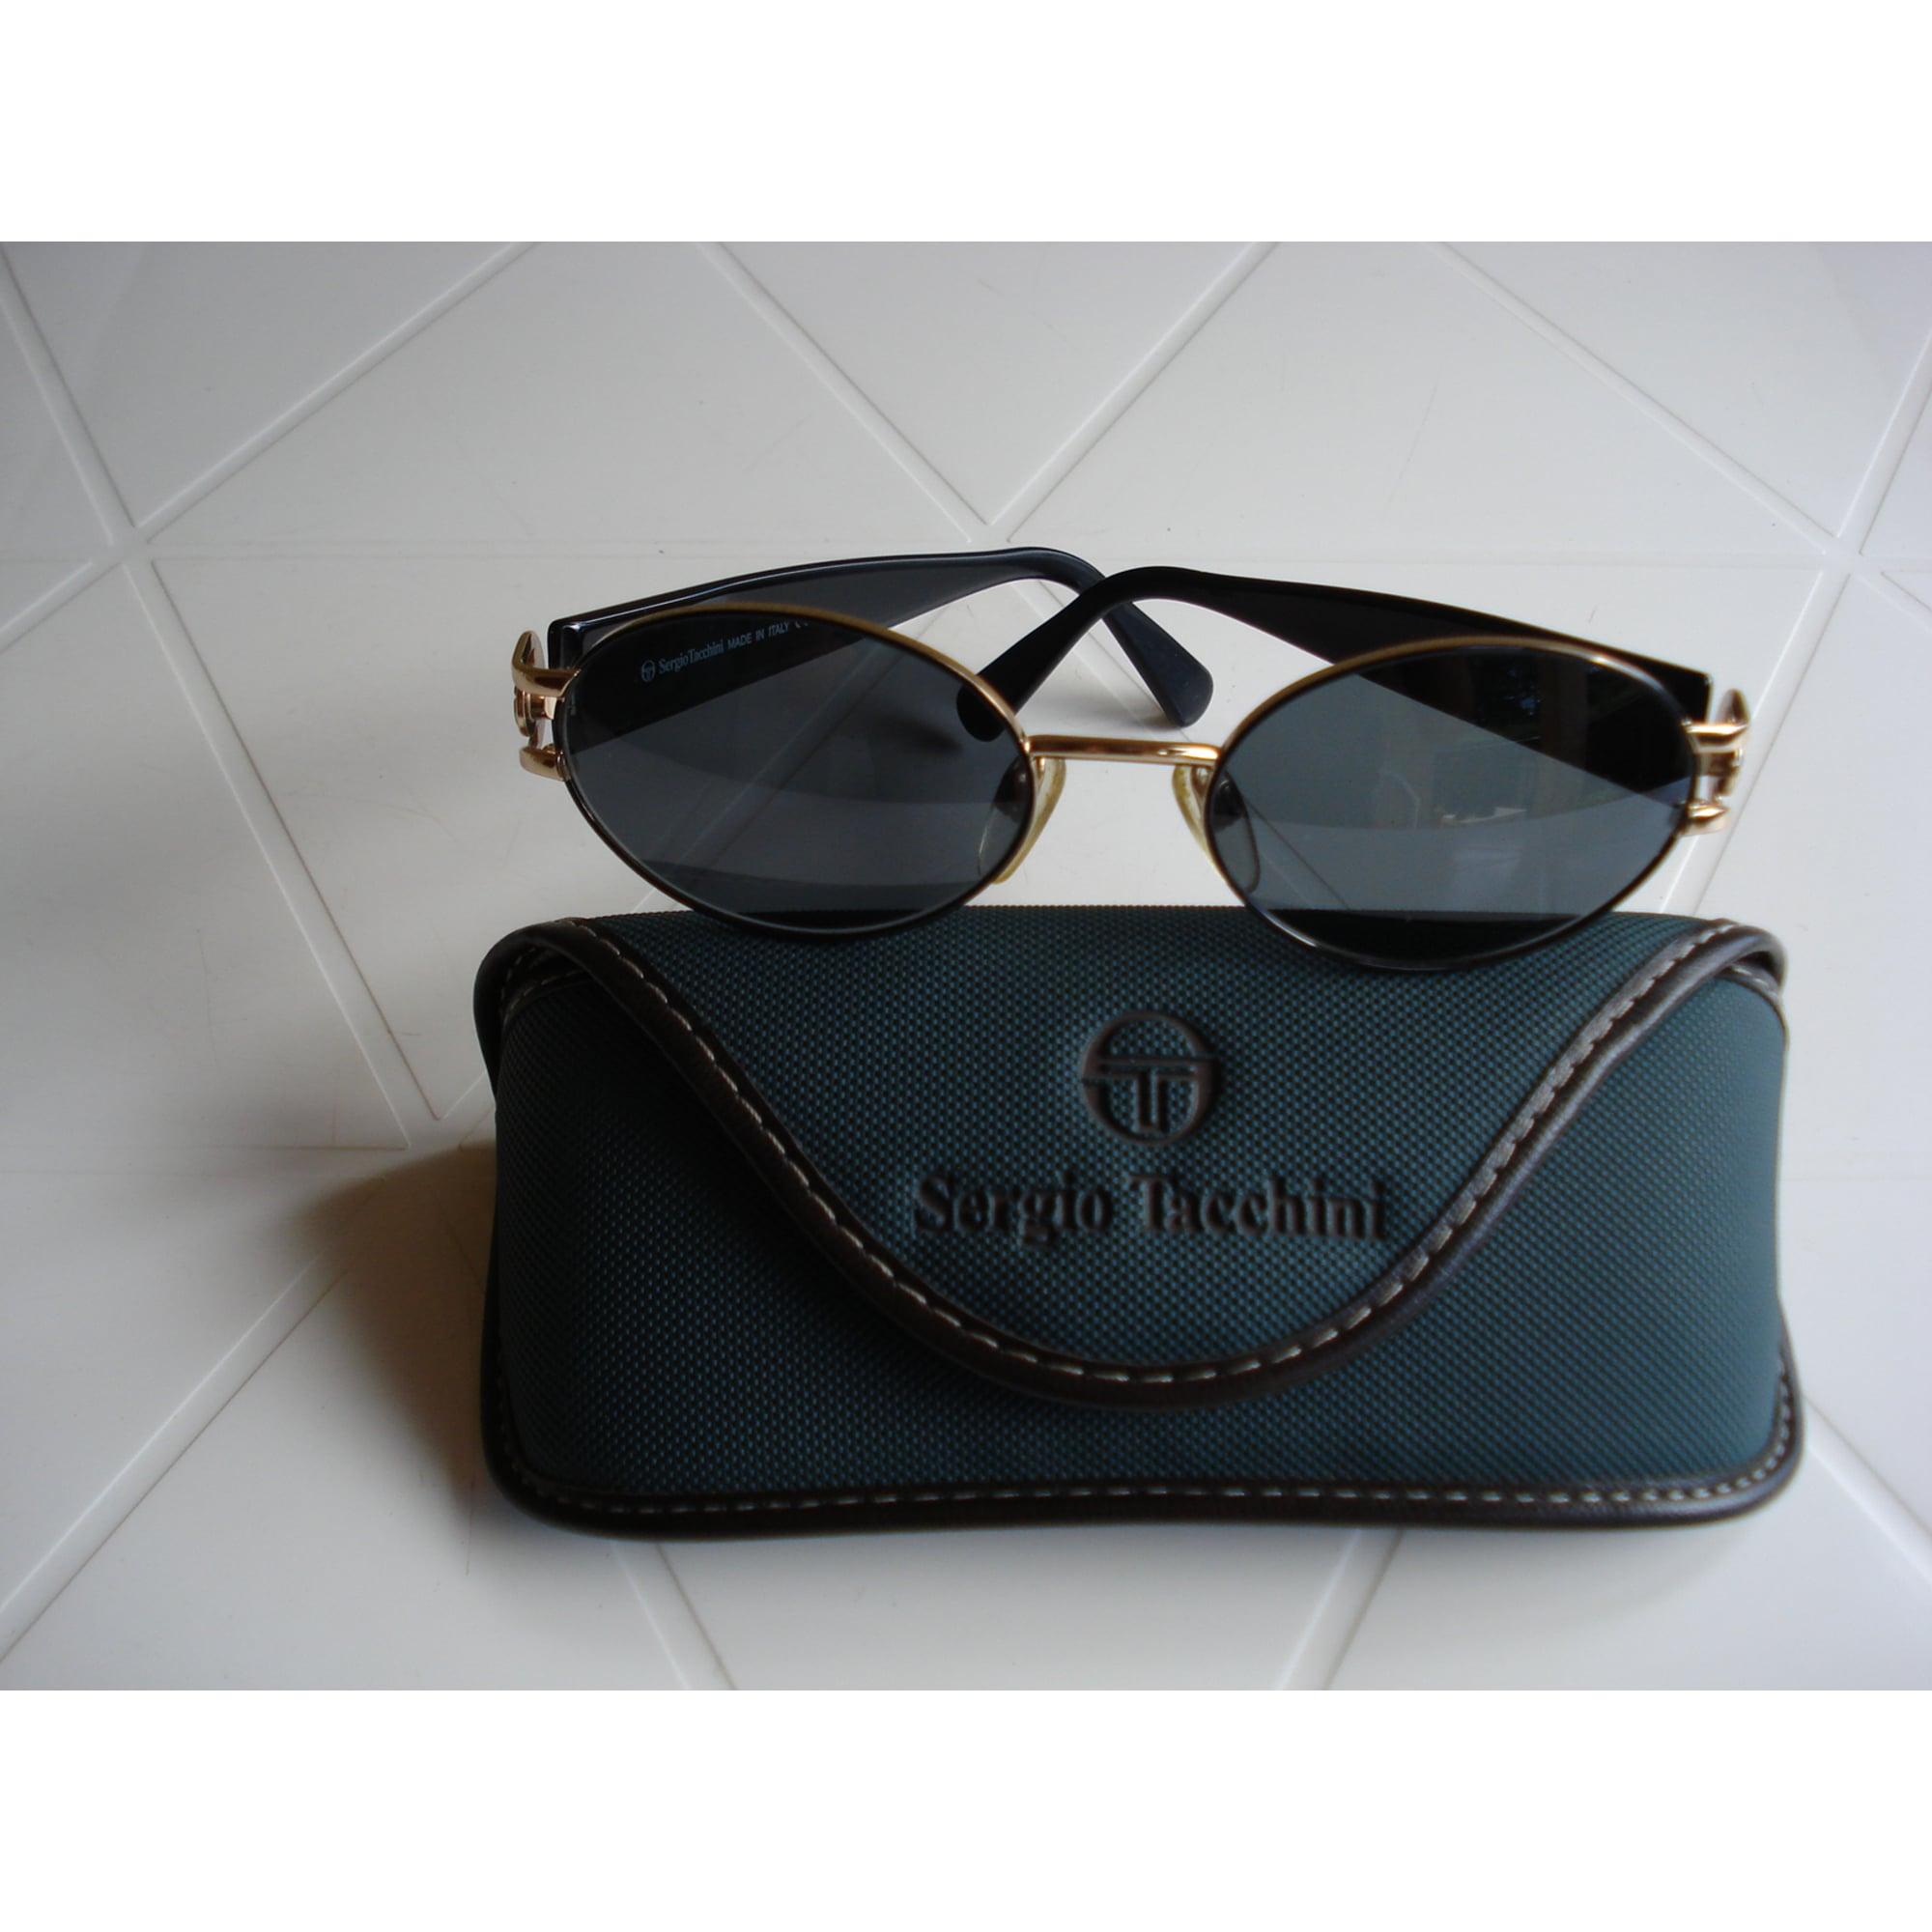 67051701c734a2 Lunettes de soleil SERGIO TACCHINI noir vendu par Blueangel66714 ...